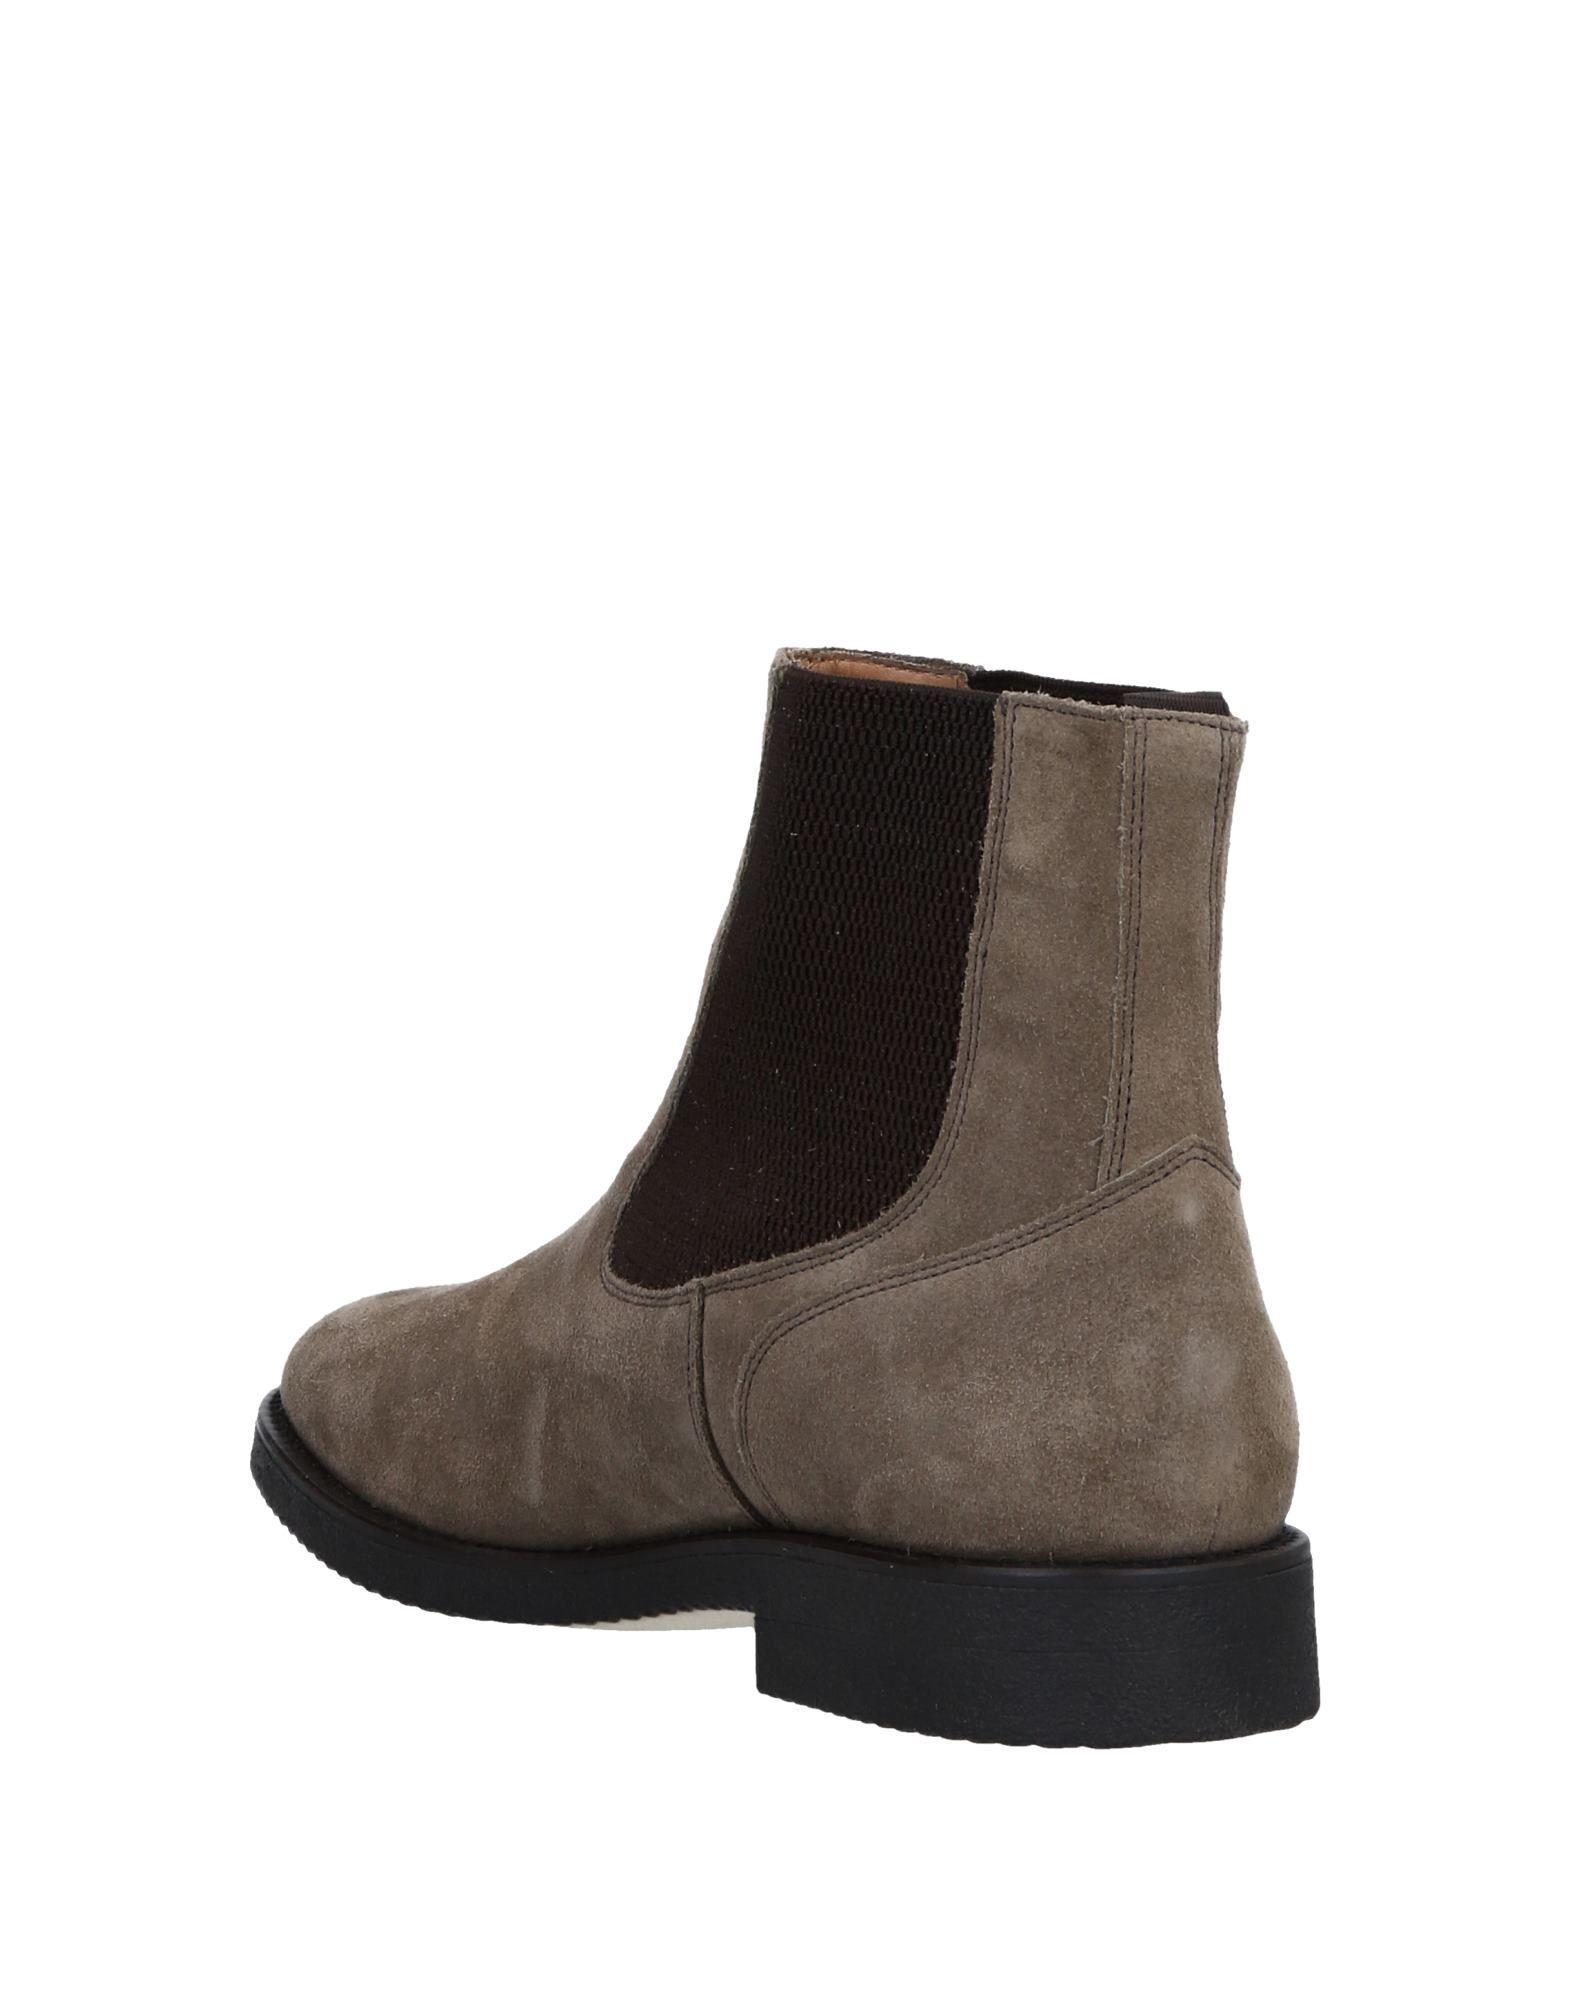 Rabatt Herren echte Schuhe Anderson Stiefelette Herren Rabatt  11521602PB 608433